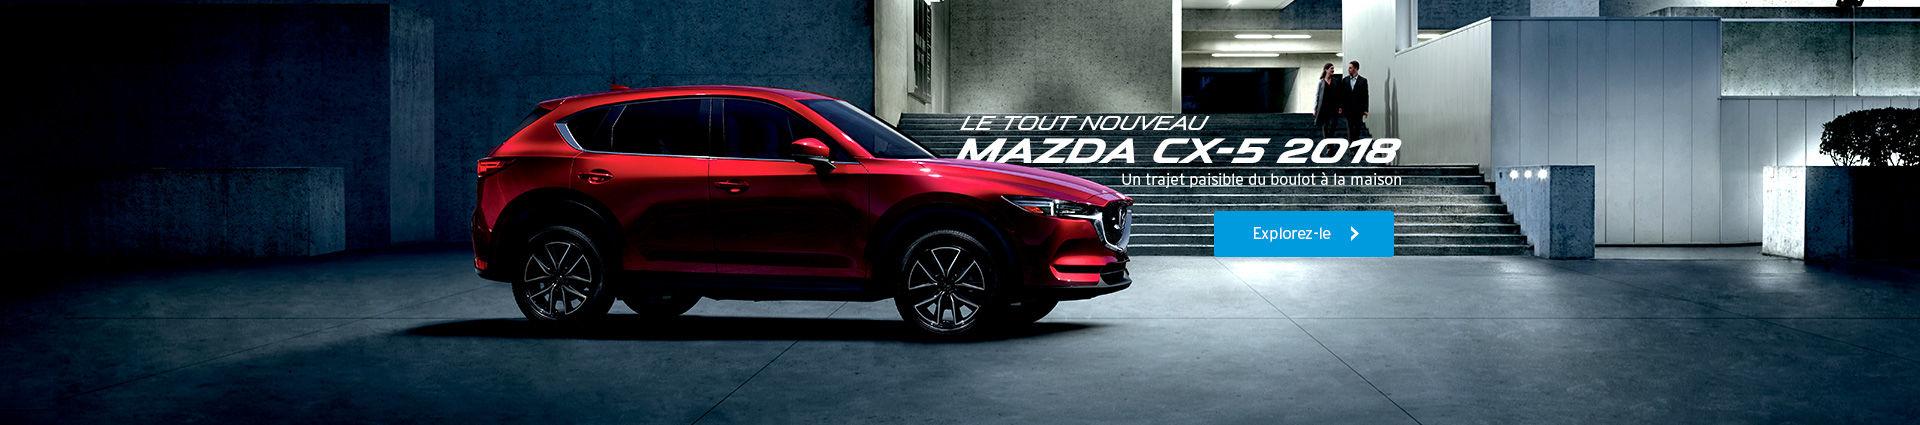 Mazda CX5 - FR